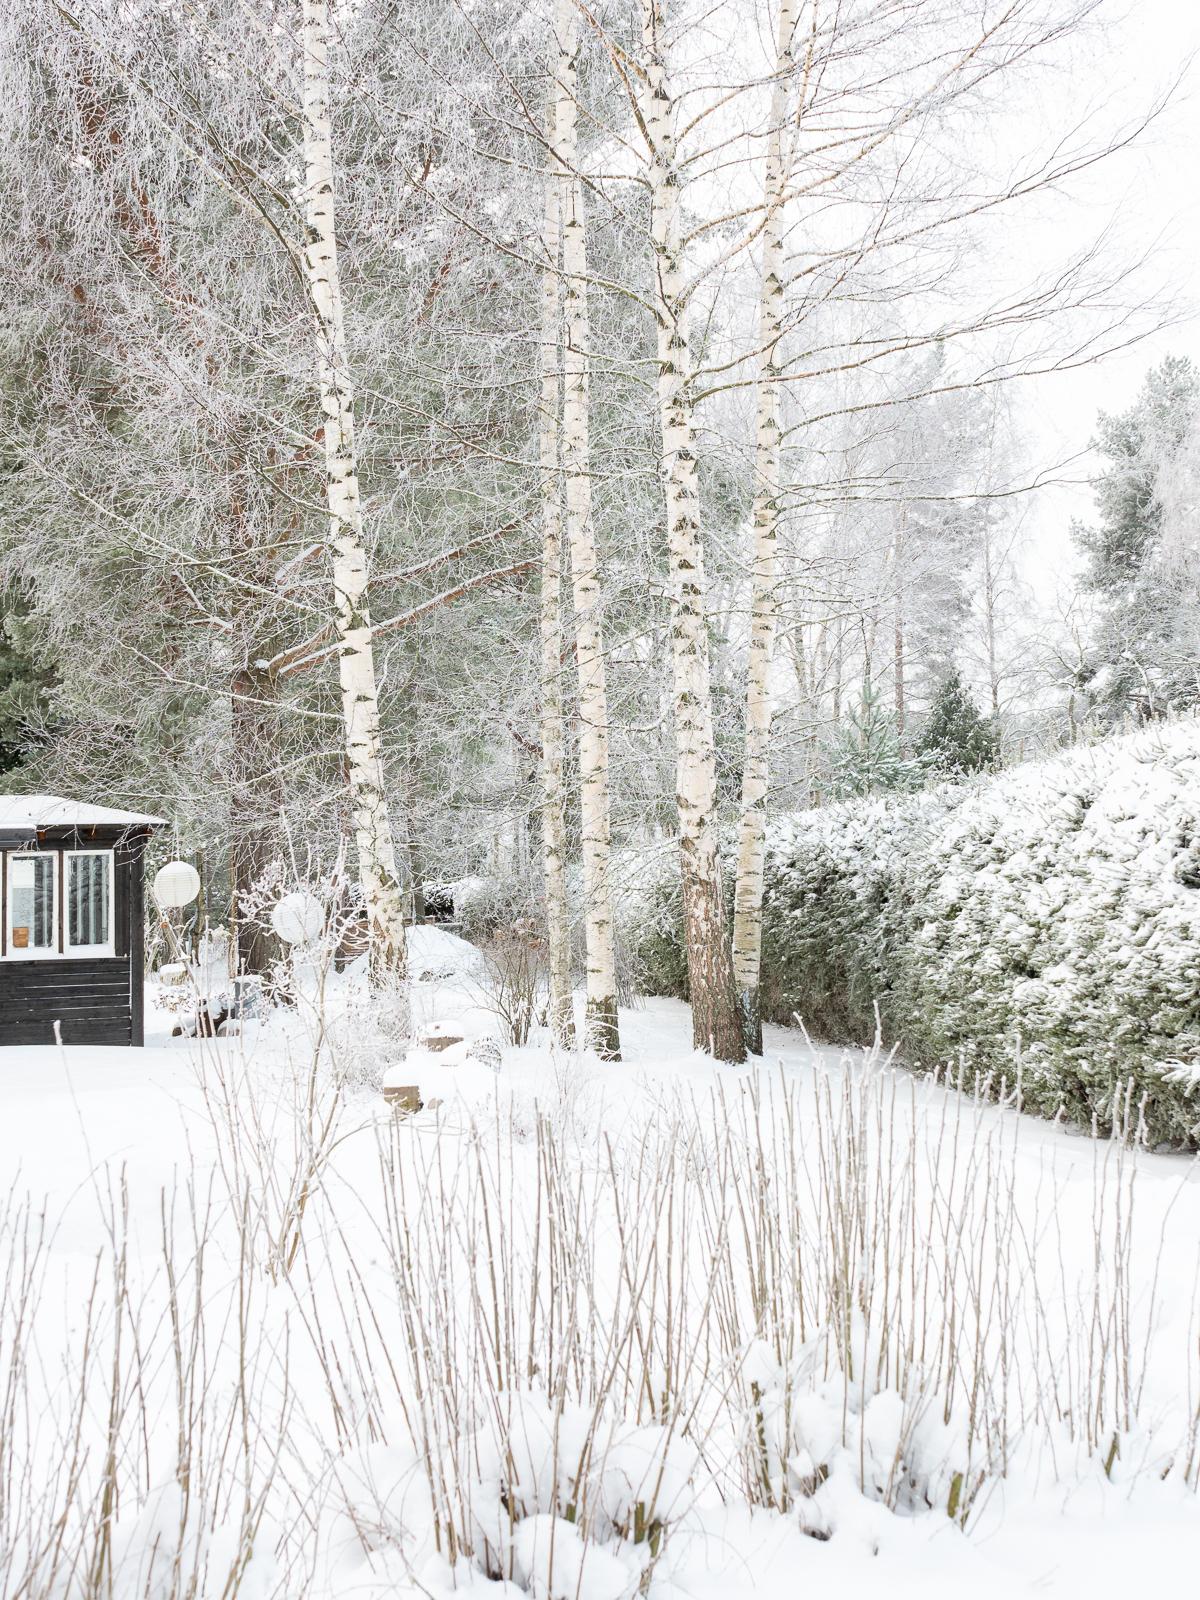 puutarha talvella